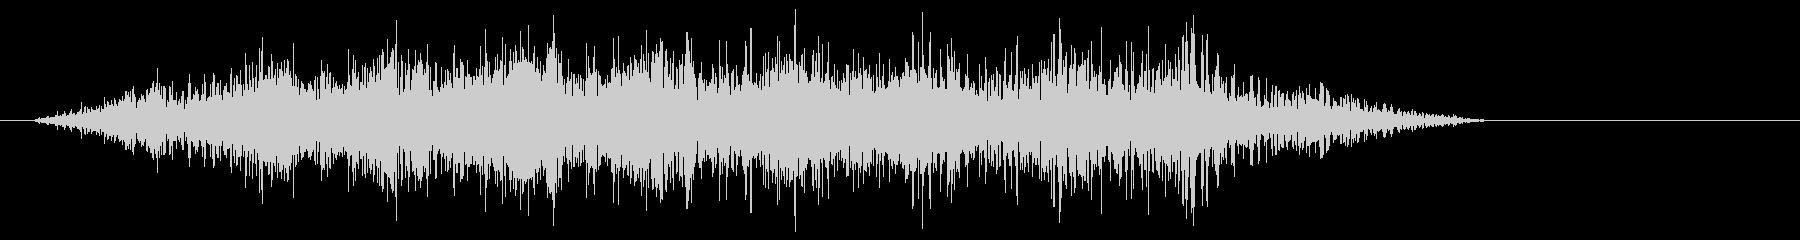 変調フィルターピッチによるスライドフライの未再生の波形